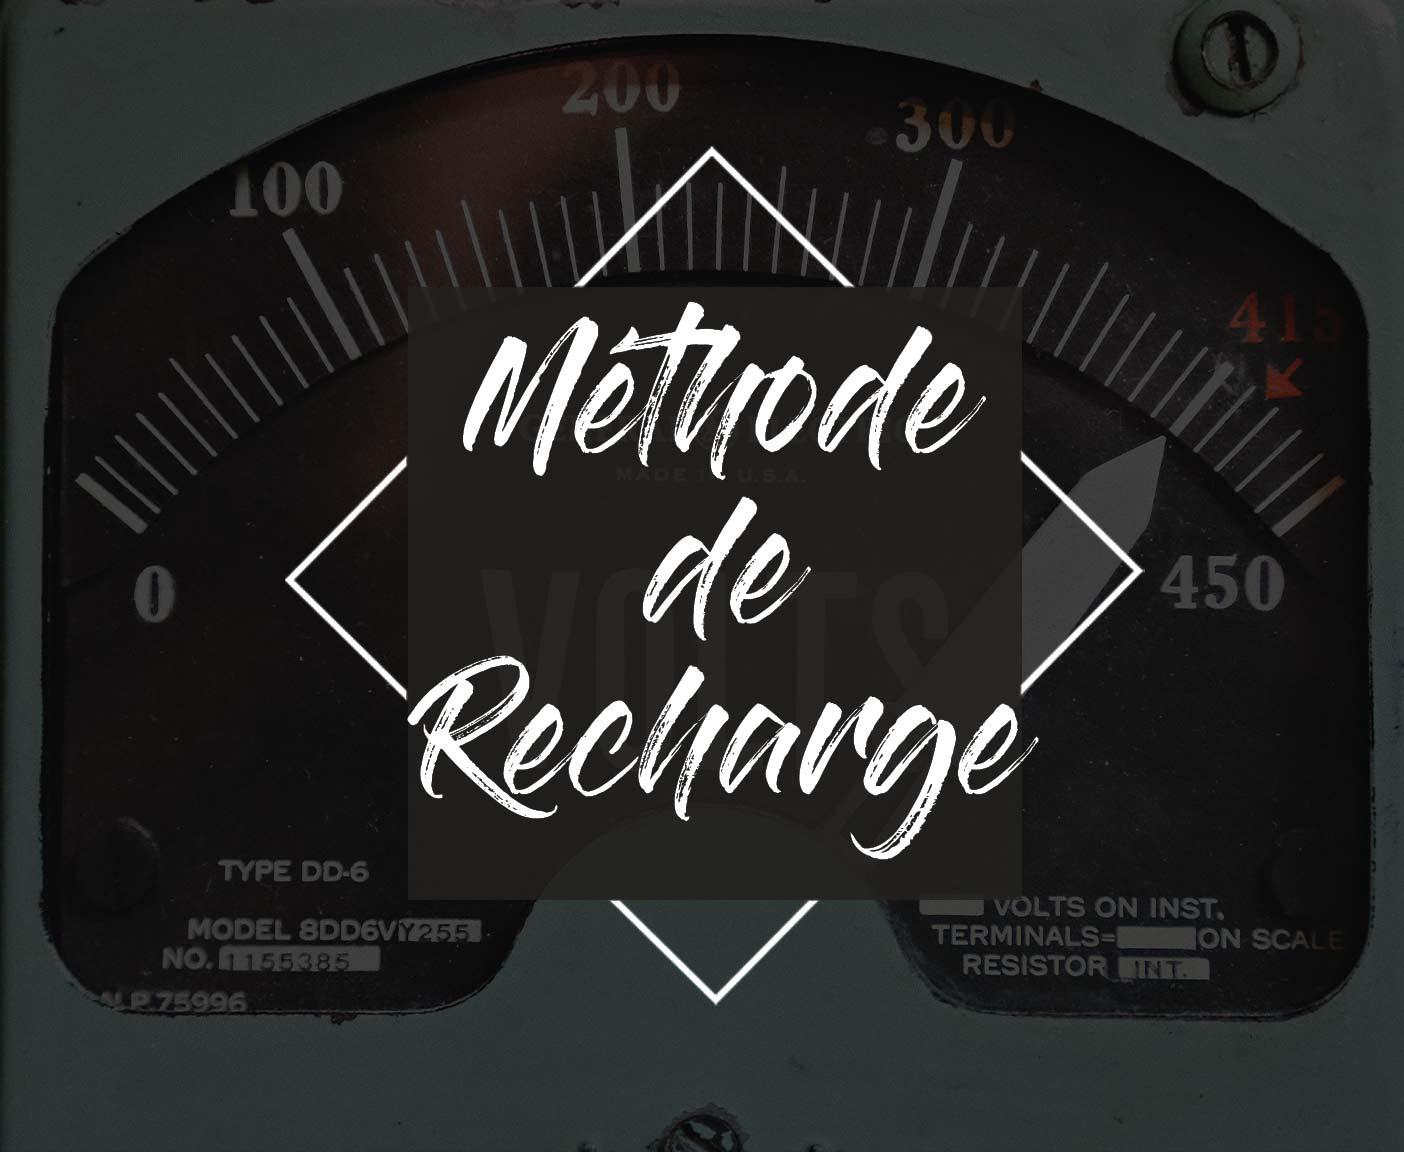 batterie-agm-recharge-van-fourgon-electricite-amenagement